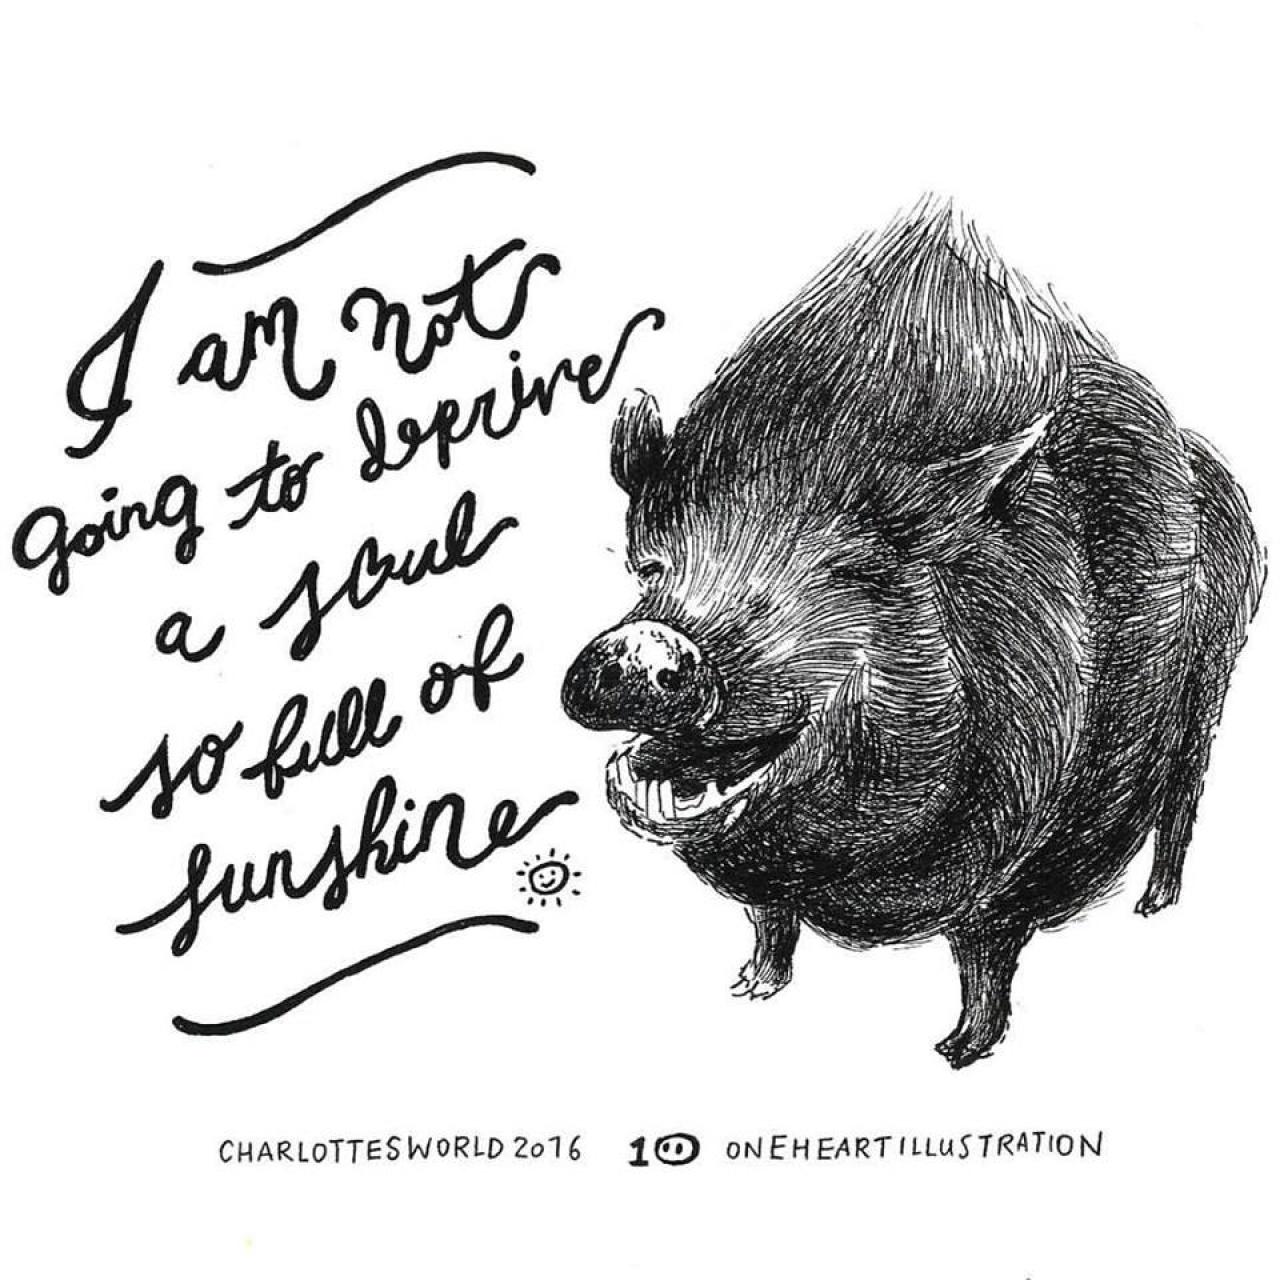 一芯見香港人關心野豬,也希望大家能將關心伸延到家豬。「牠們是多麼的相似呀。」一芯道。(受訪者提供)